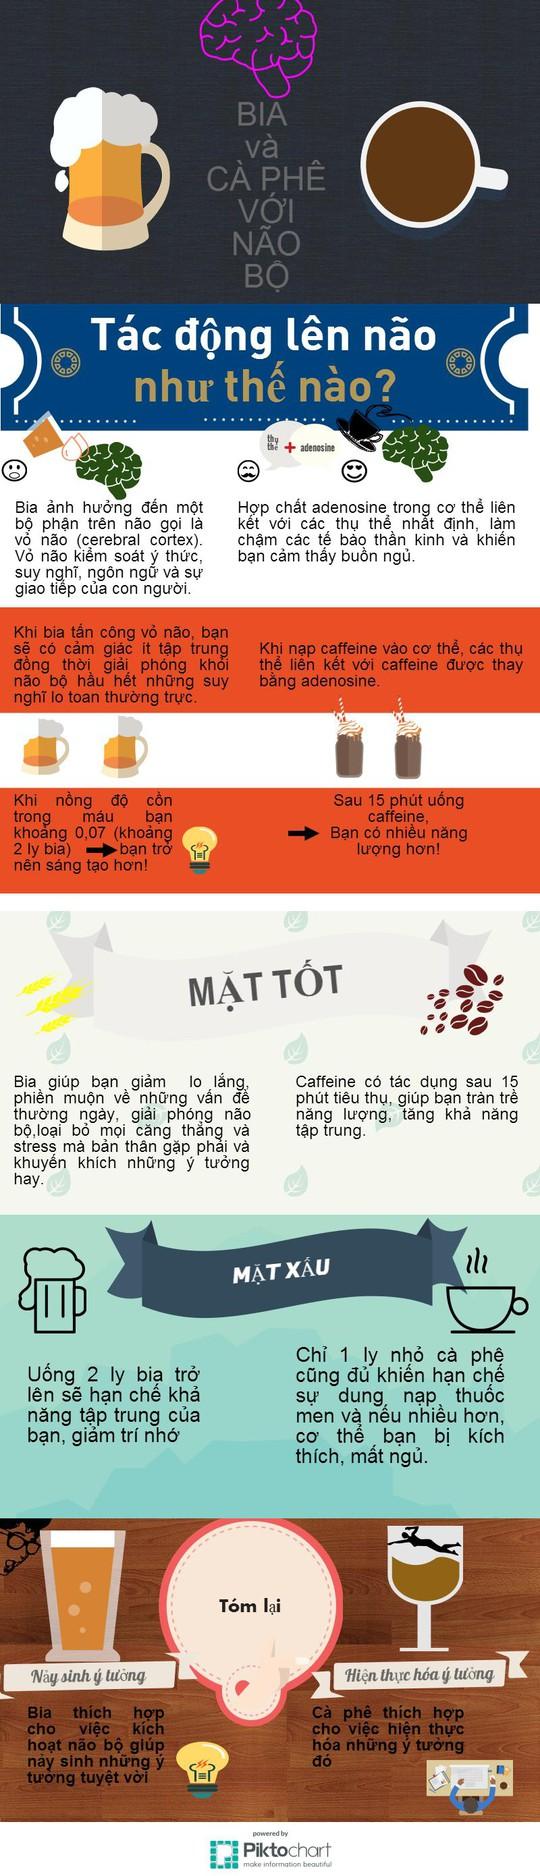 [Infographic] Ảnh hưởng của bia và cà phê lên não bộ